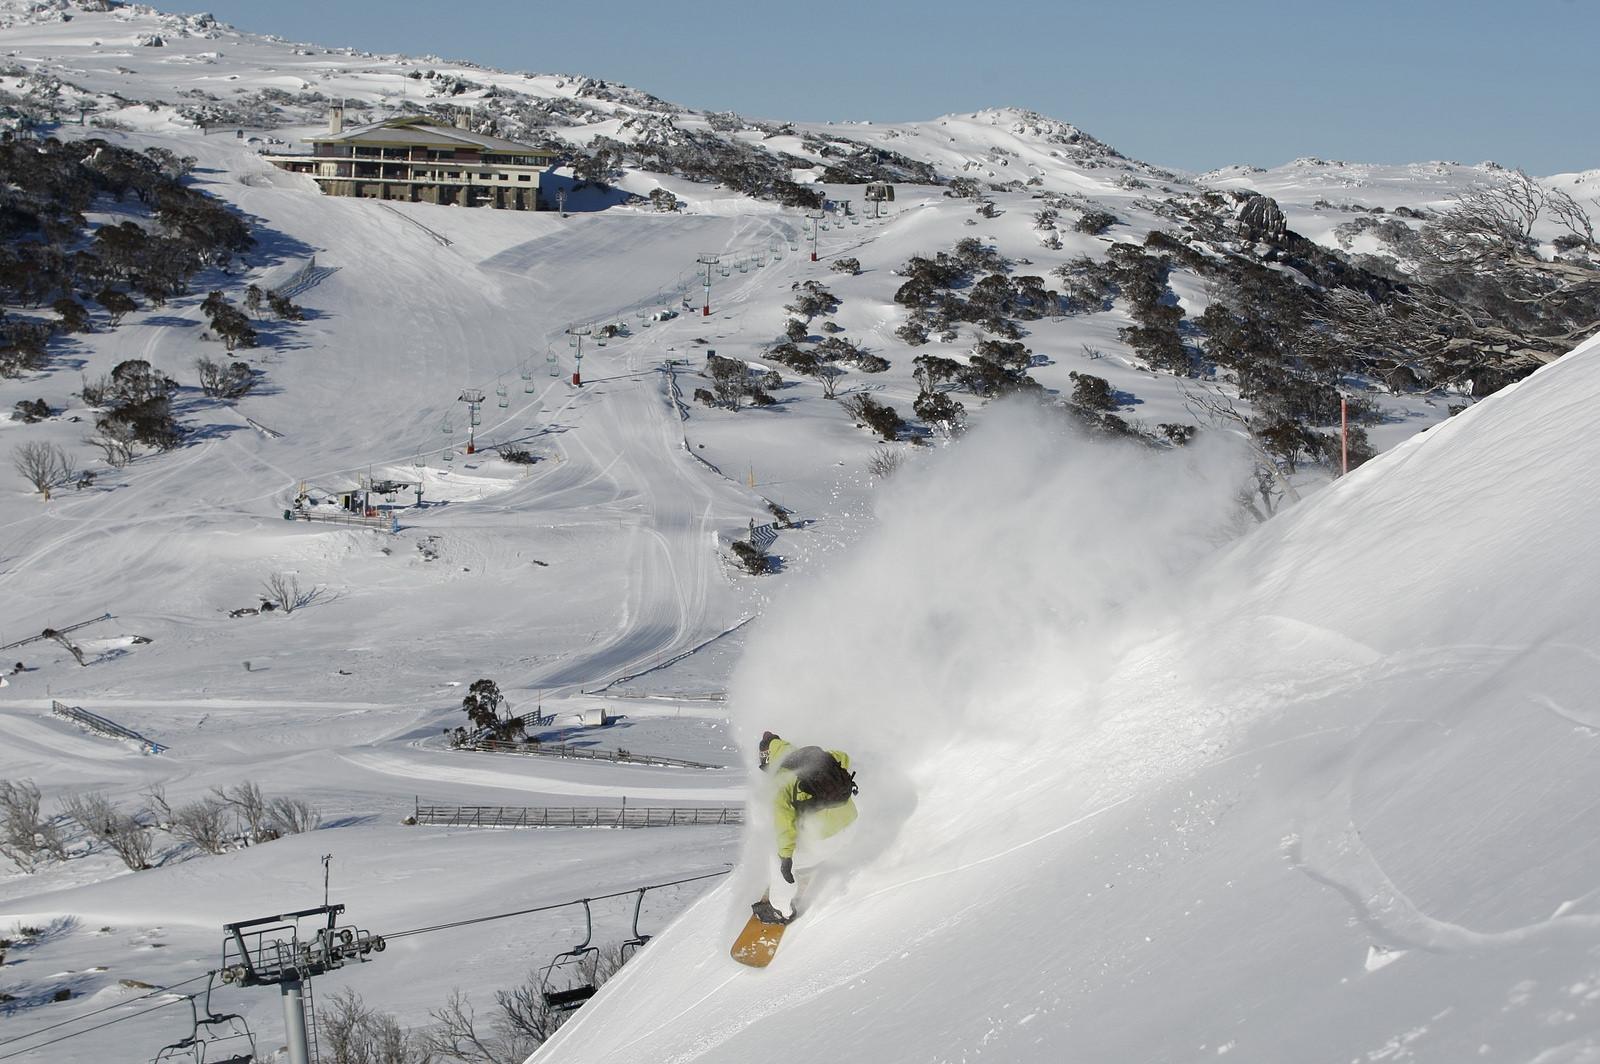 Letní lyžařské středisko Perisher, Austrálie